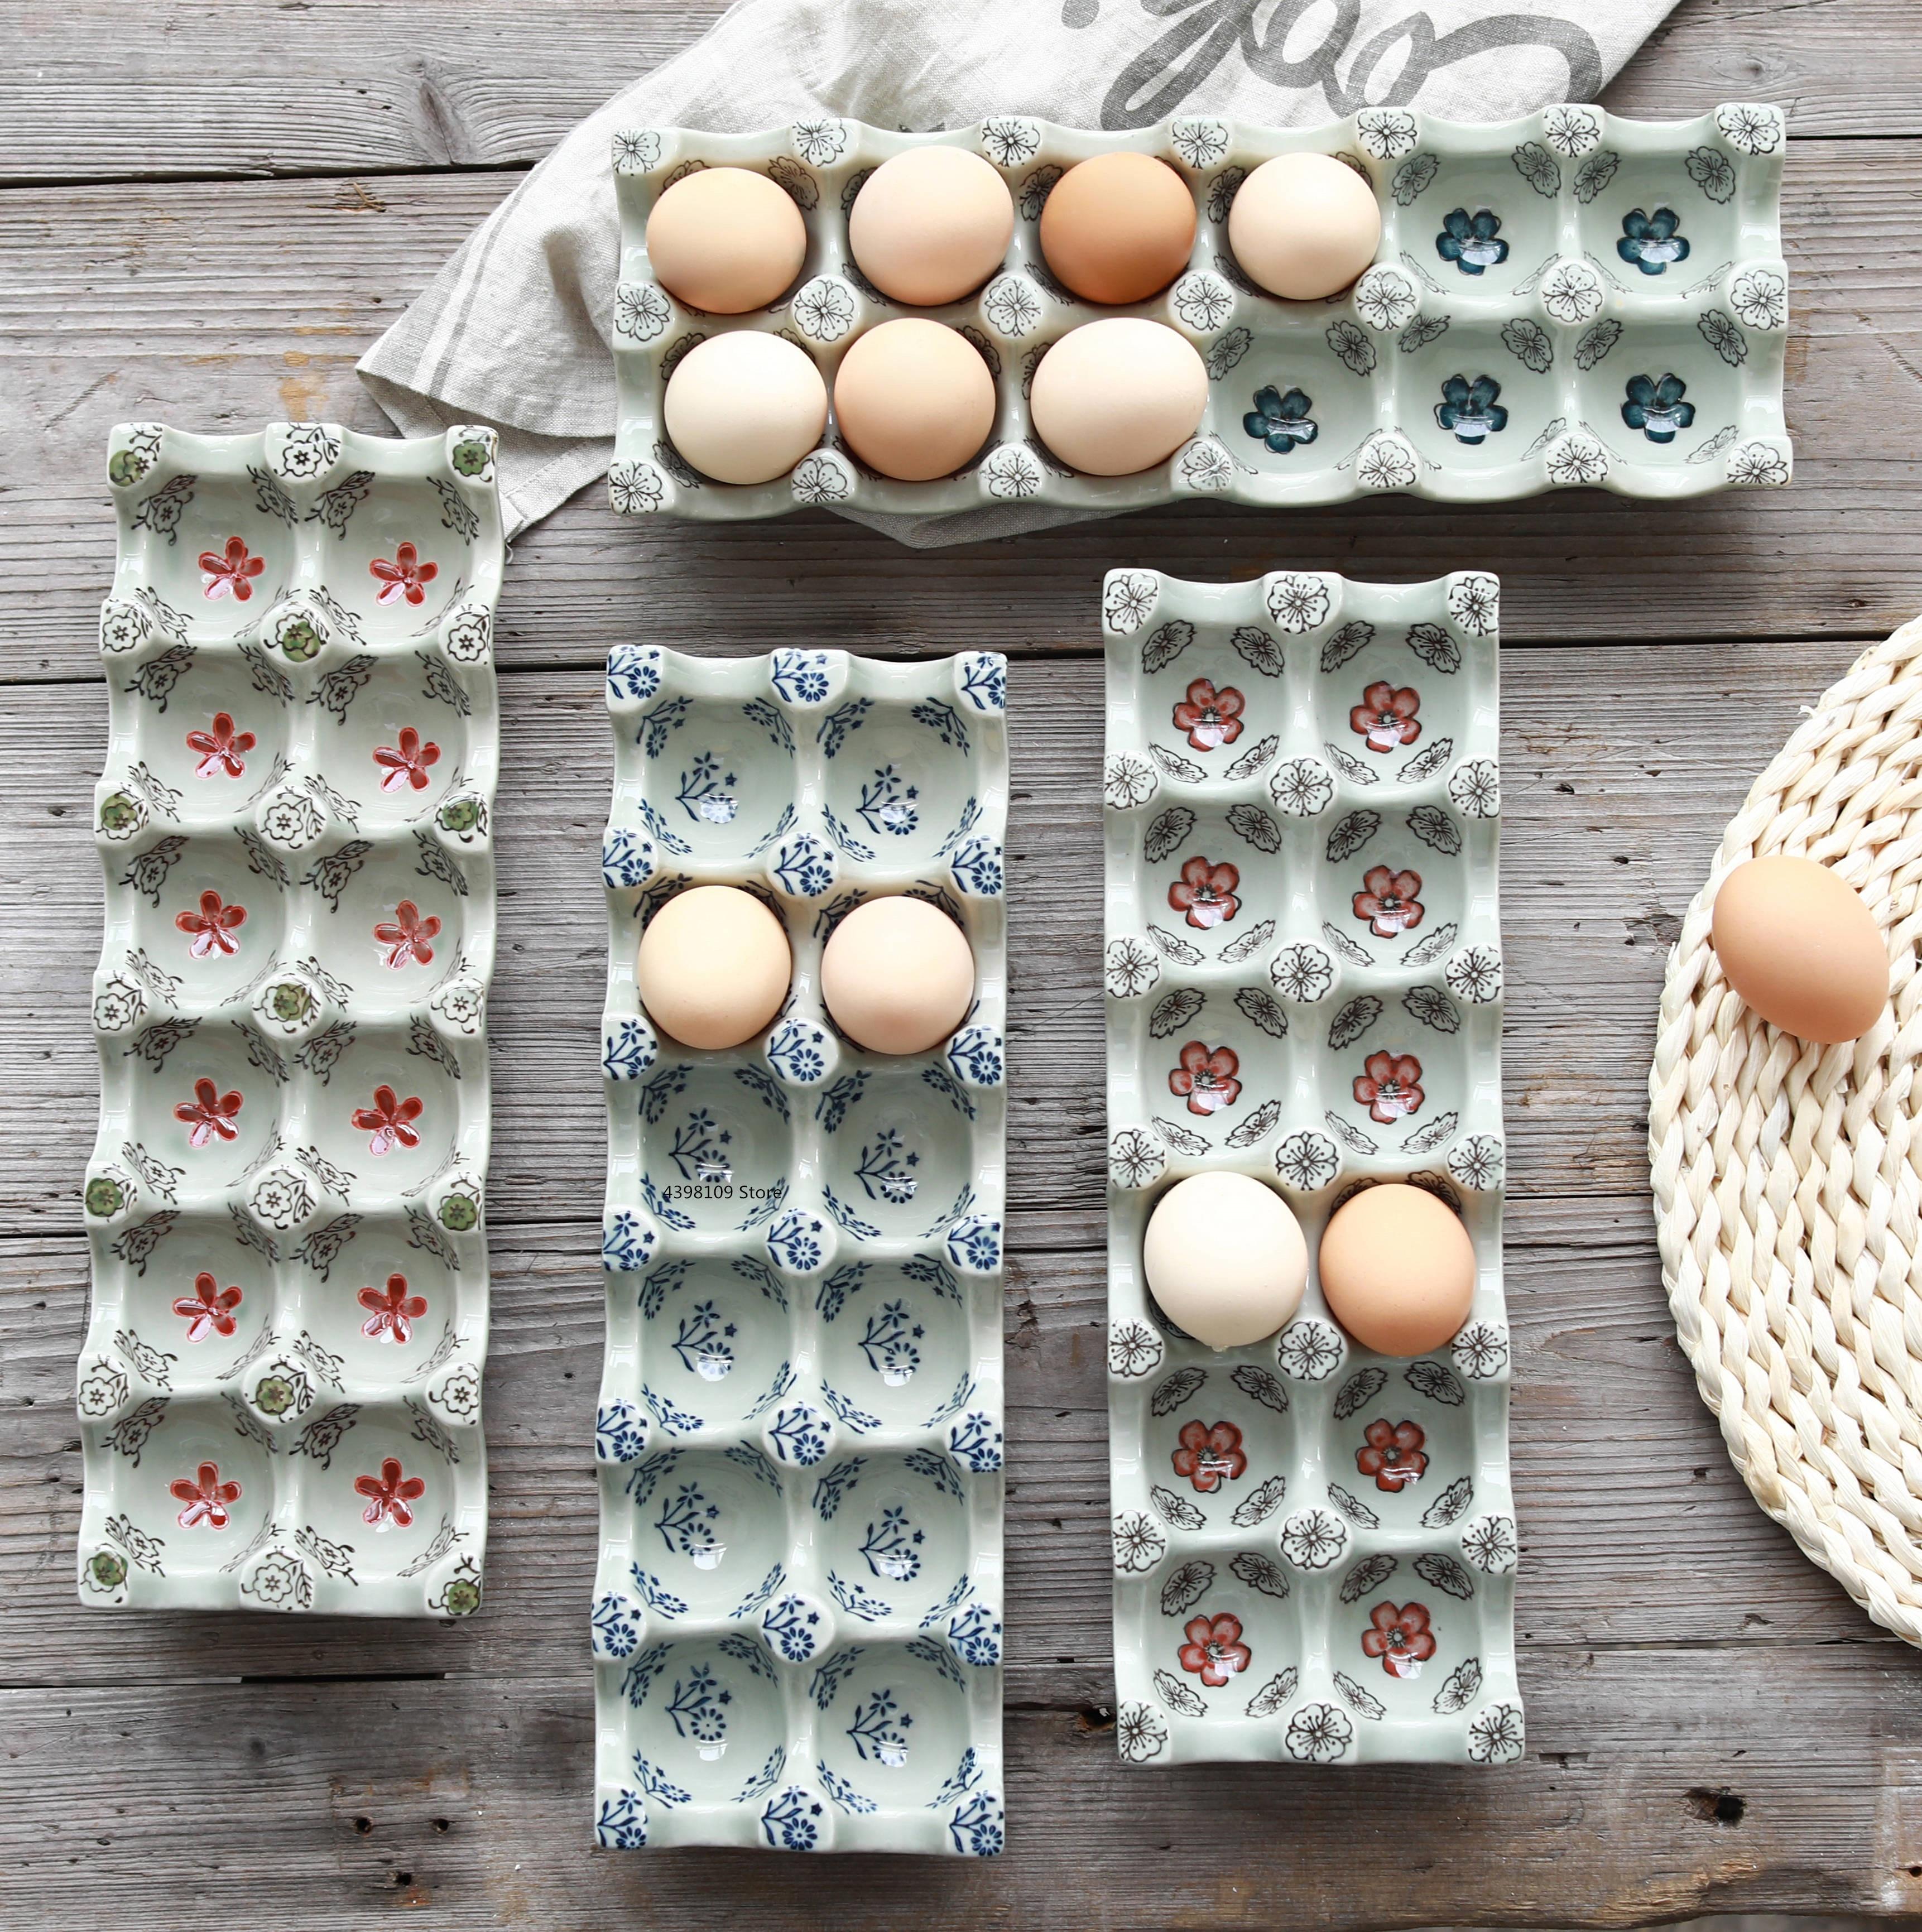 Estilo japonés bajo vidriado bandeja de huevos, de cerámica 12 rejilla separados rectangular bandeja de huevo de cocina Almacenamiento de huevos frescos para nevera caja